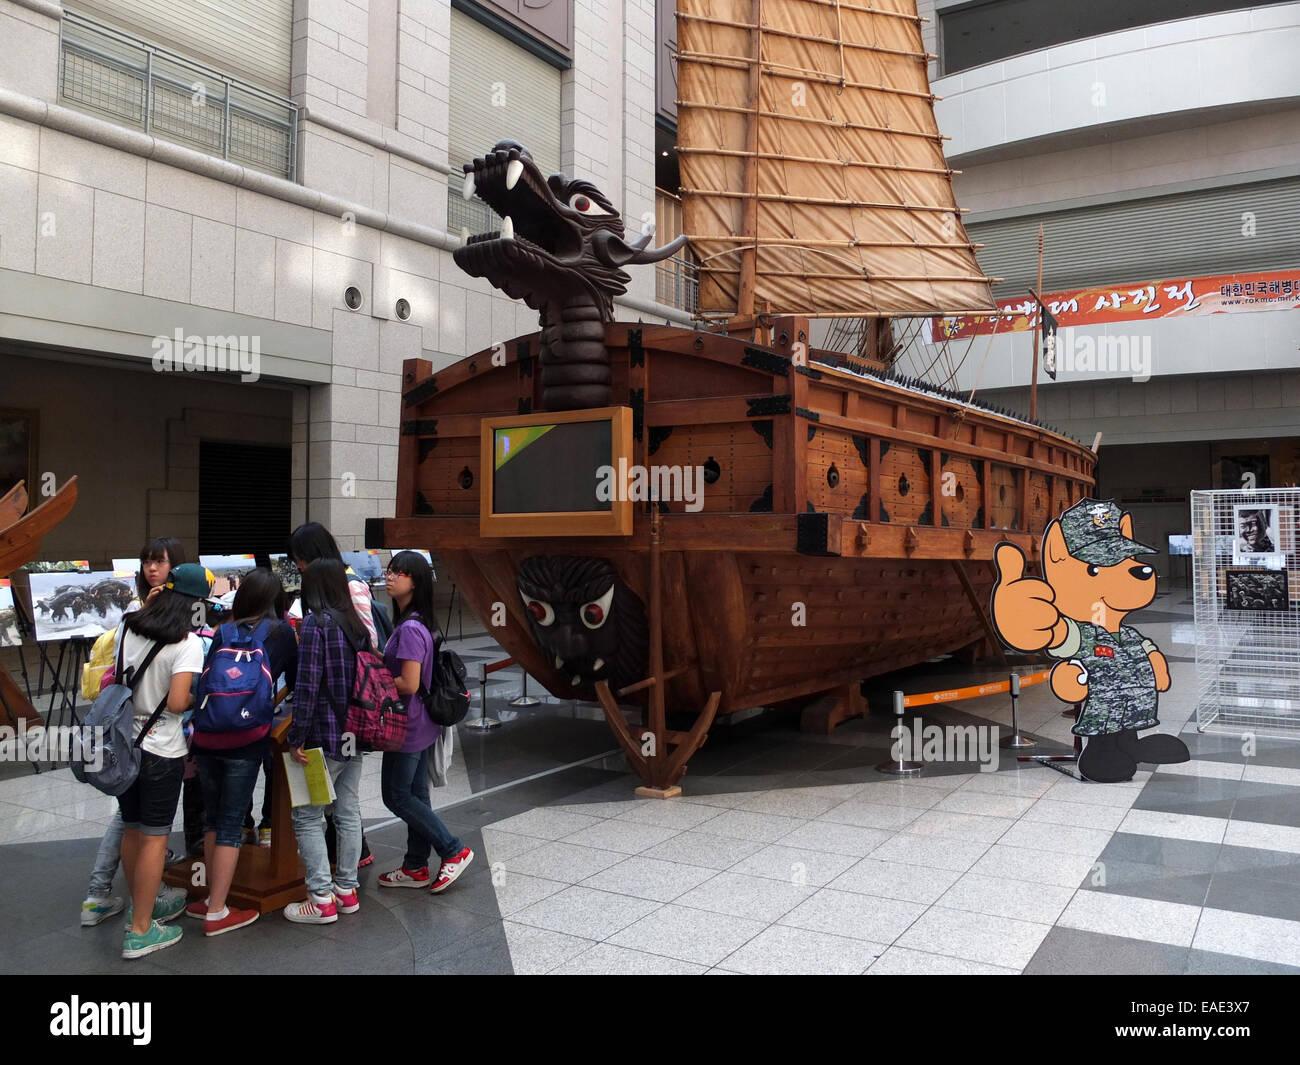 Corea del Sur: barco tortuga en el Monumento Conmemorativo de la guerra de Corea, Seúl. Foto de 22. Septiembre 2012 Foto de stock